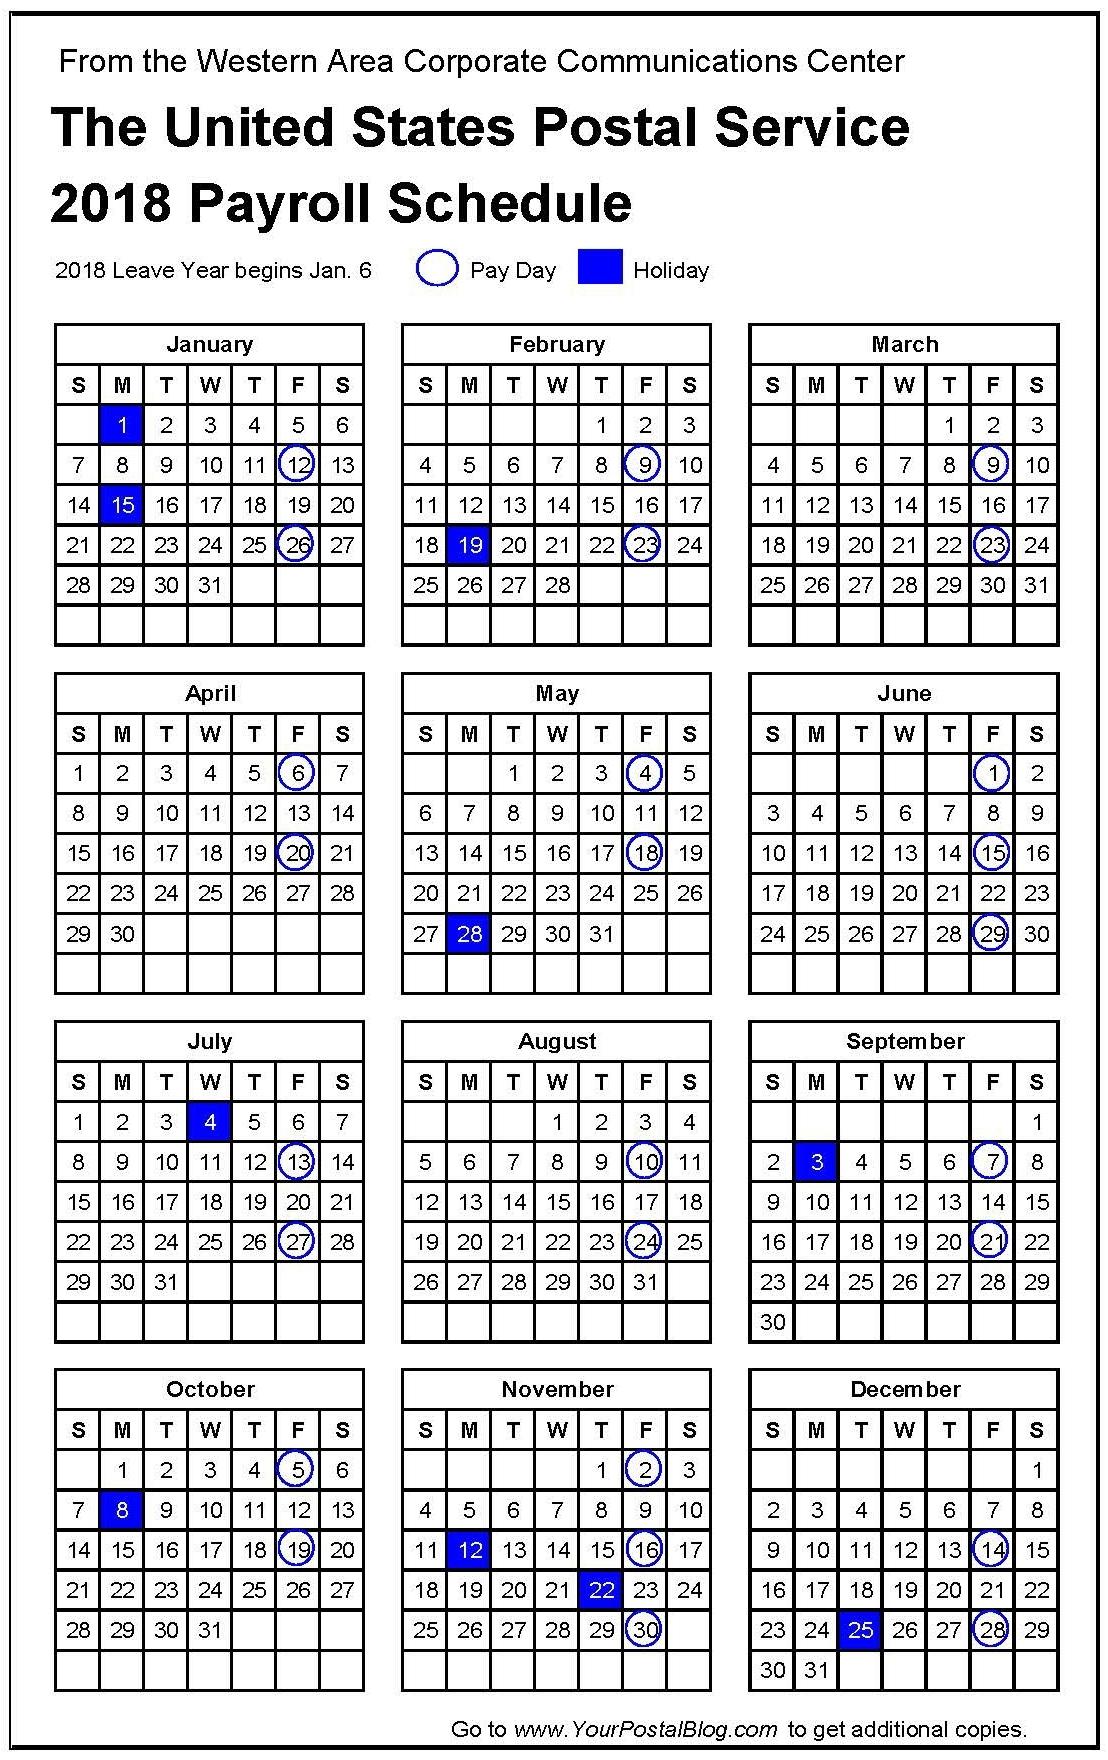 Intuit Payroll Holiday Calendar 2020 | Payroll Calendar 2020